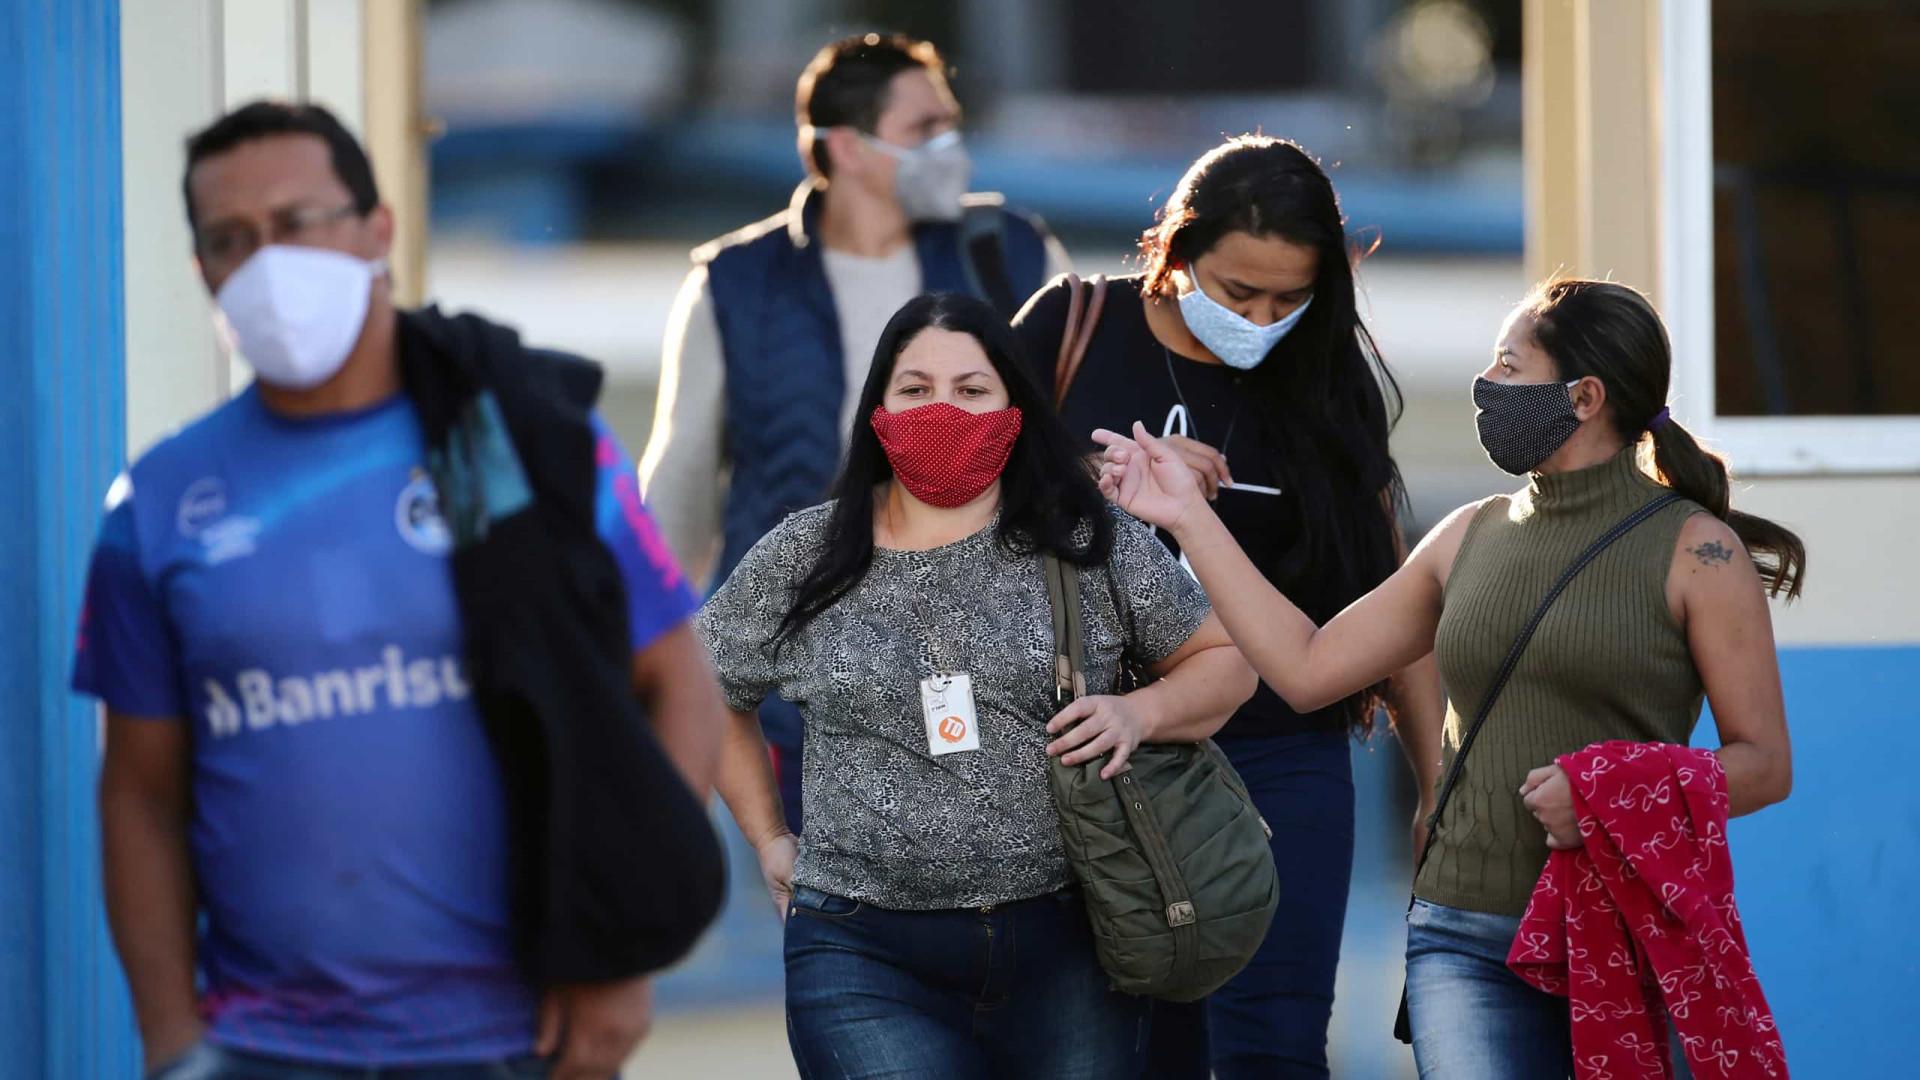 Brasil registra mais de 1.300 mortes por covid-19 em 24 h, novo recorde